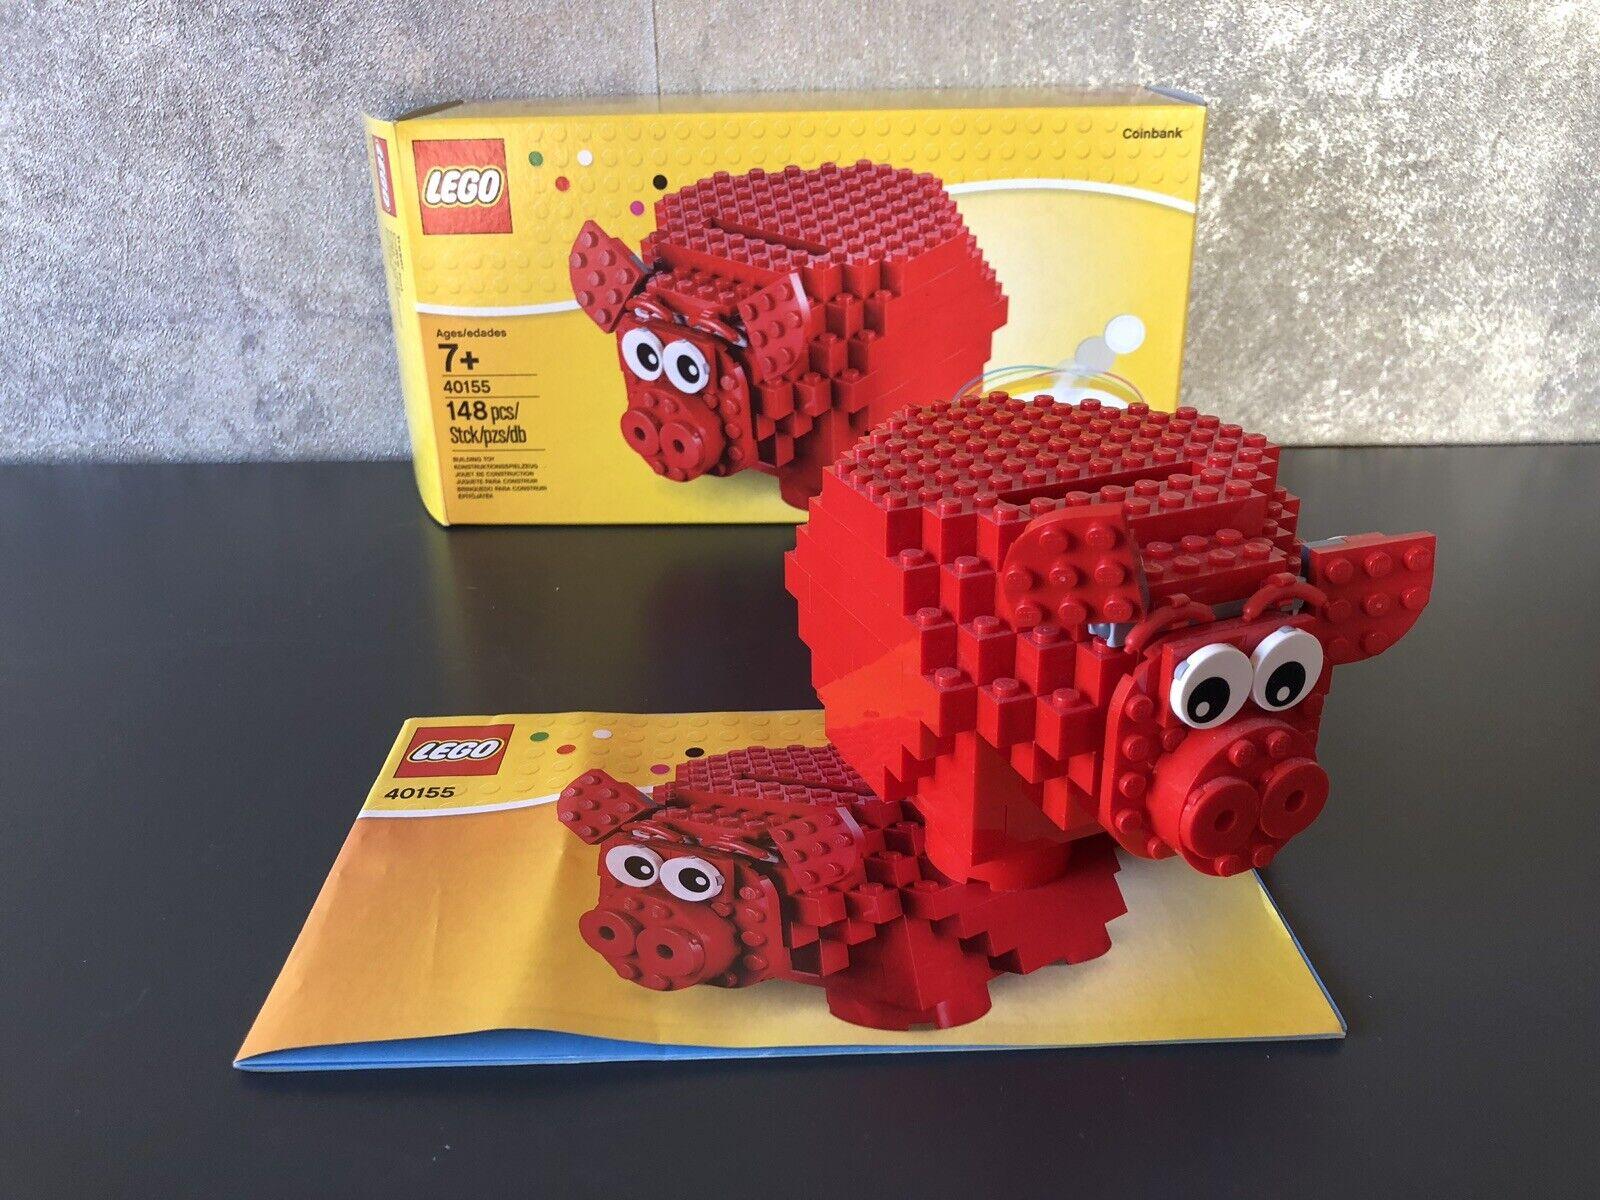 LEGO Sparschwein LEGO Tresor (LEGO 40155)